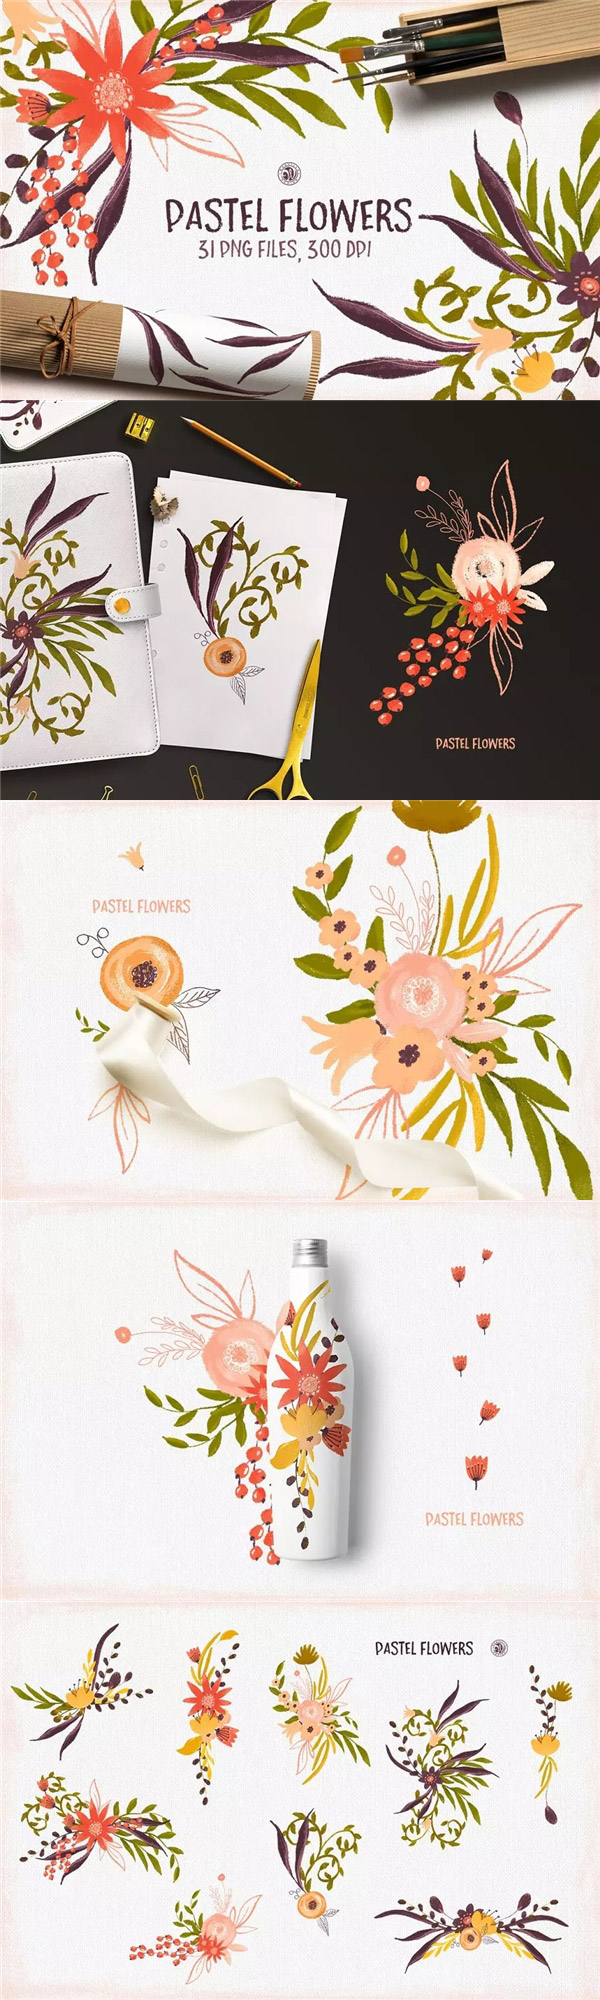 手绘花卉水粉画